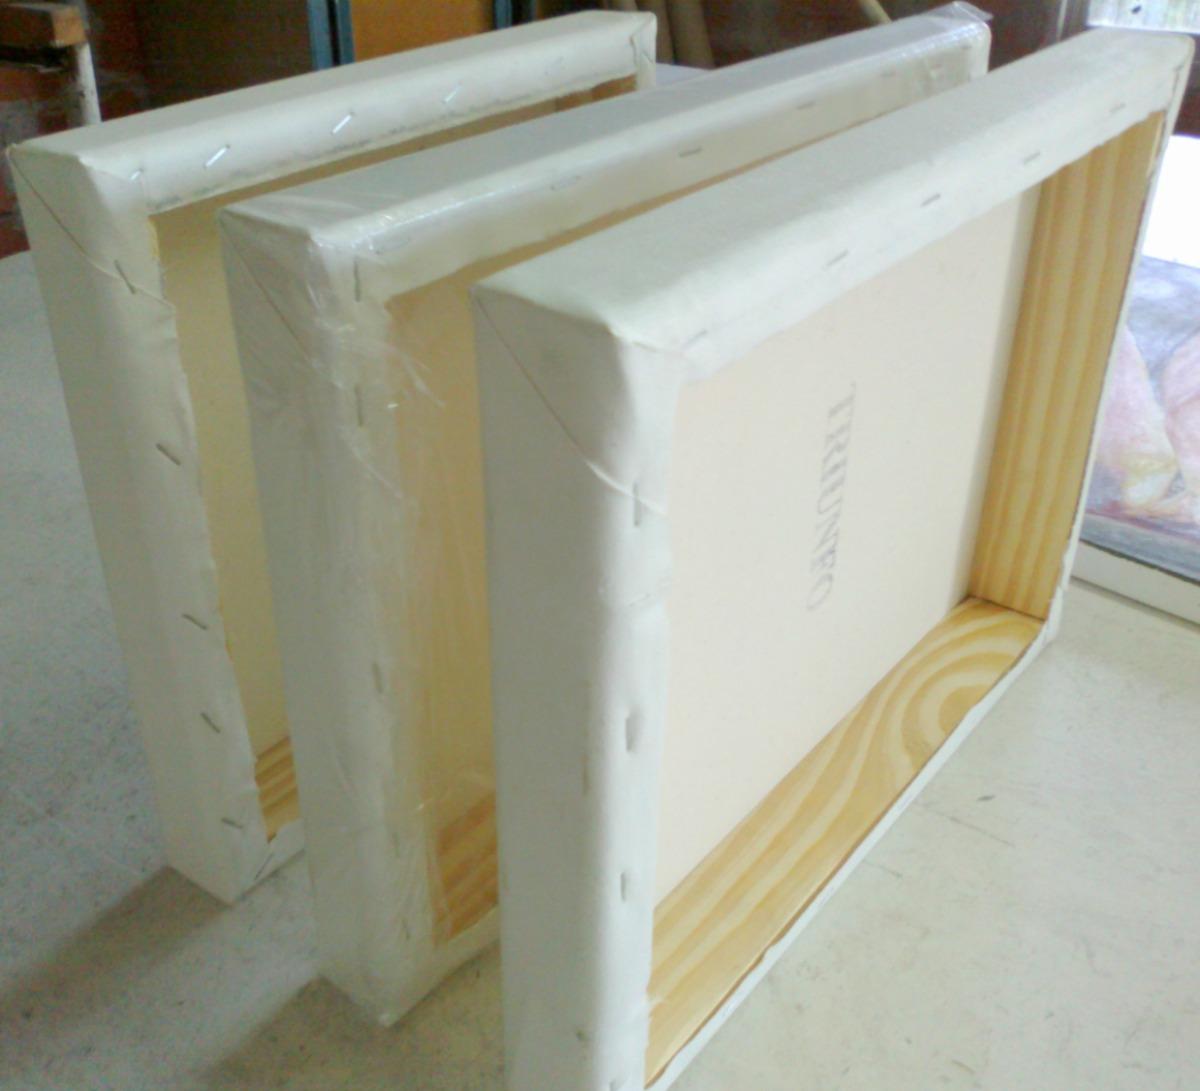 Bastidores Caja De 4.5 Cm De Espesor. Somos Fabricantes!!! - $ 47,99 ...